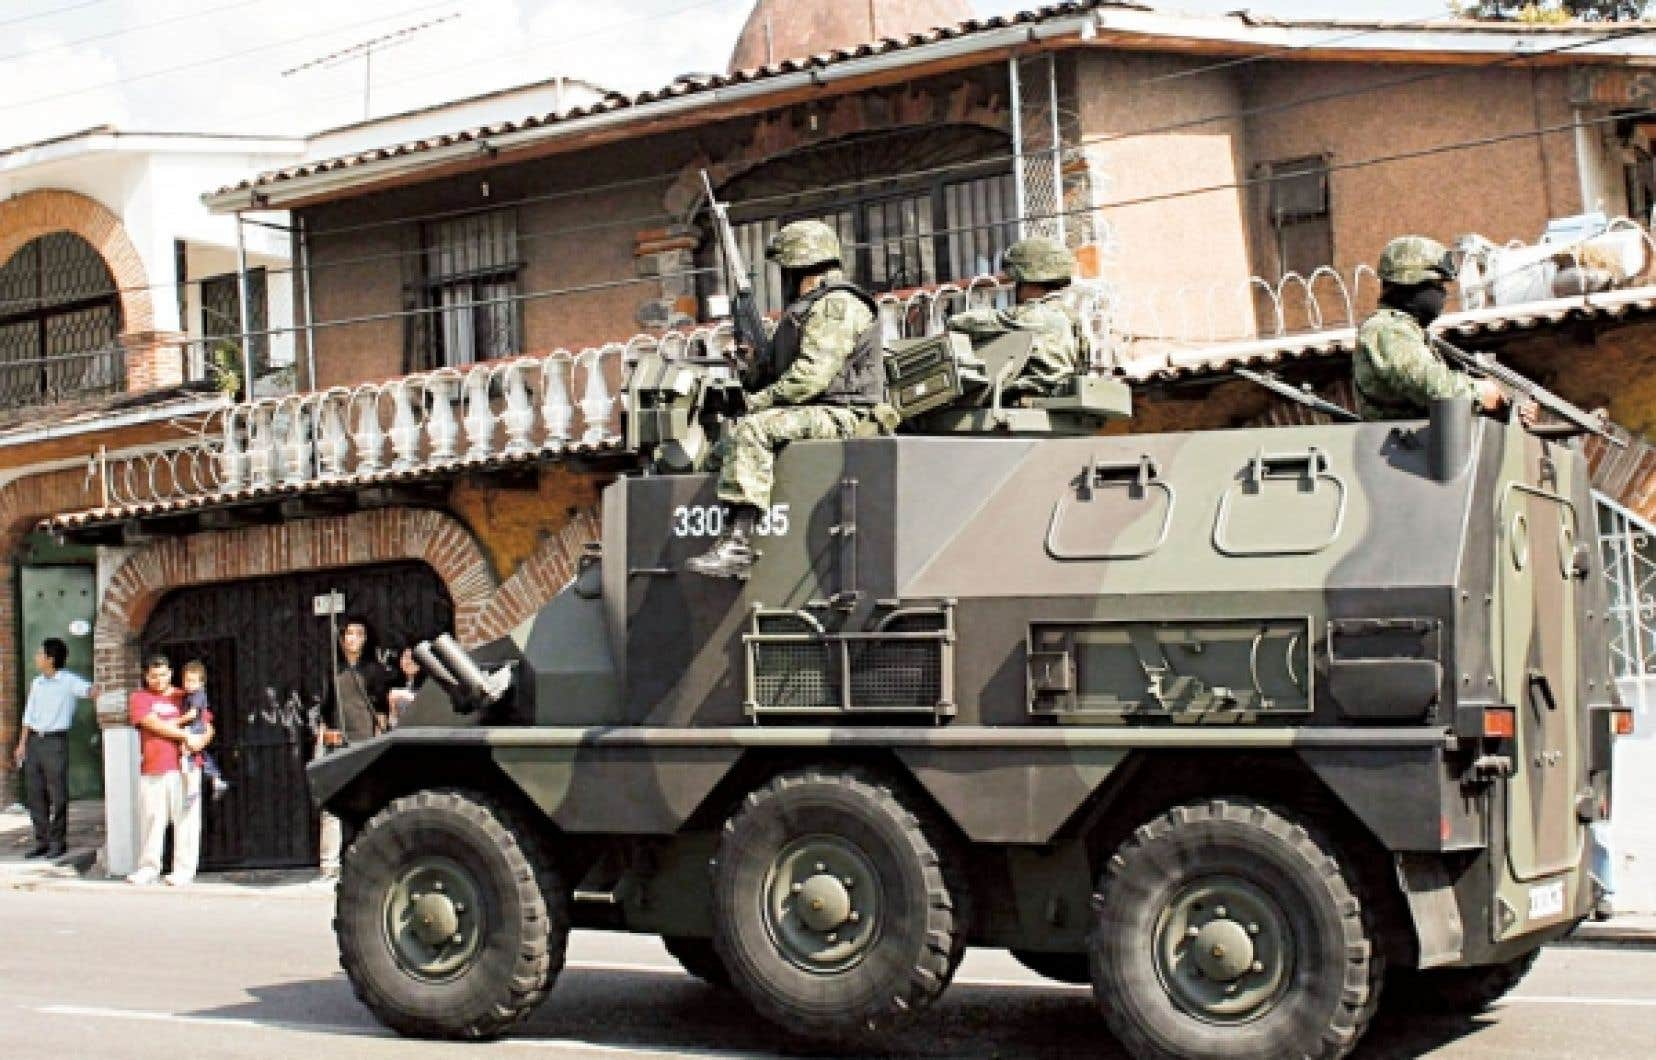 L'opération s'est déroulée à Cuernavaca.